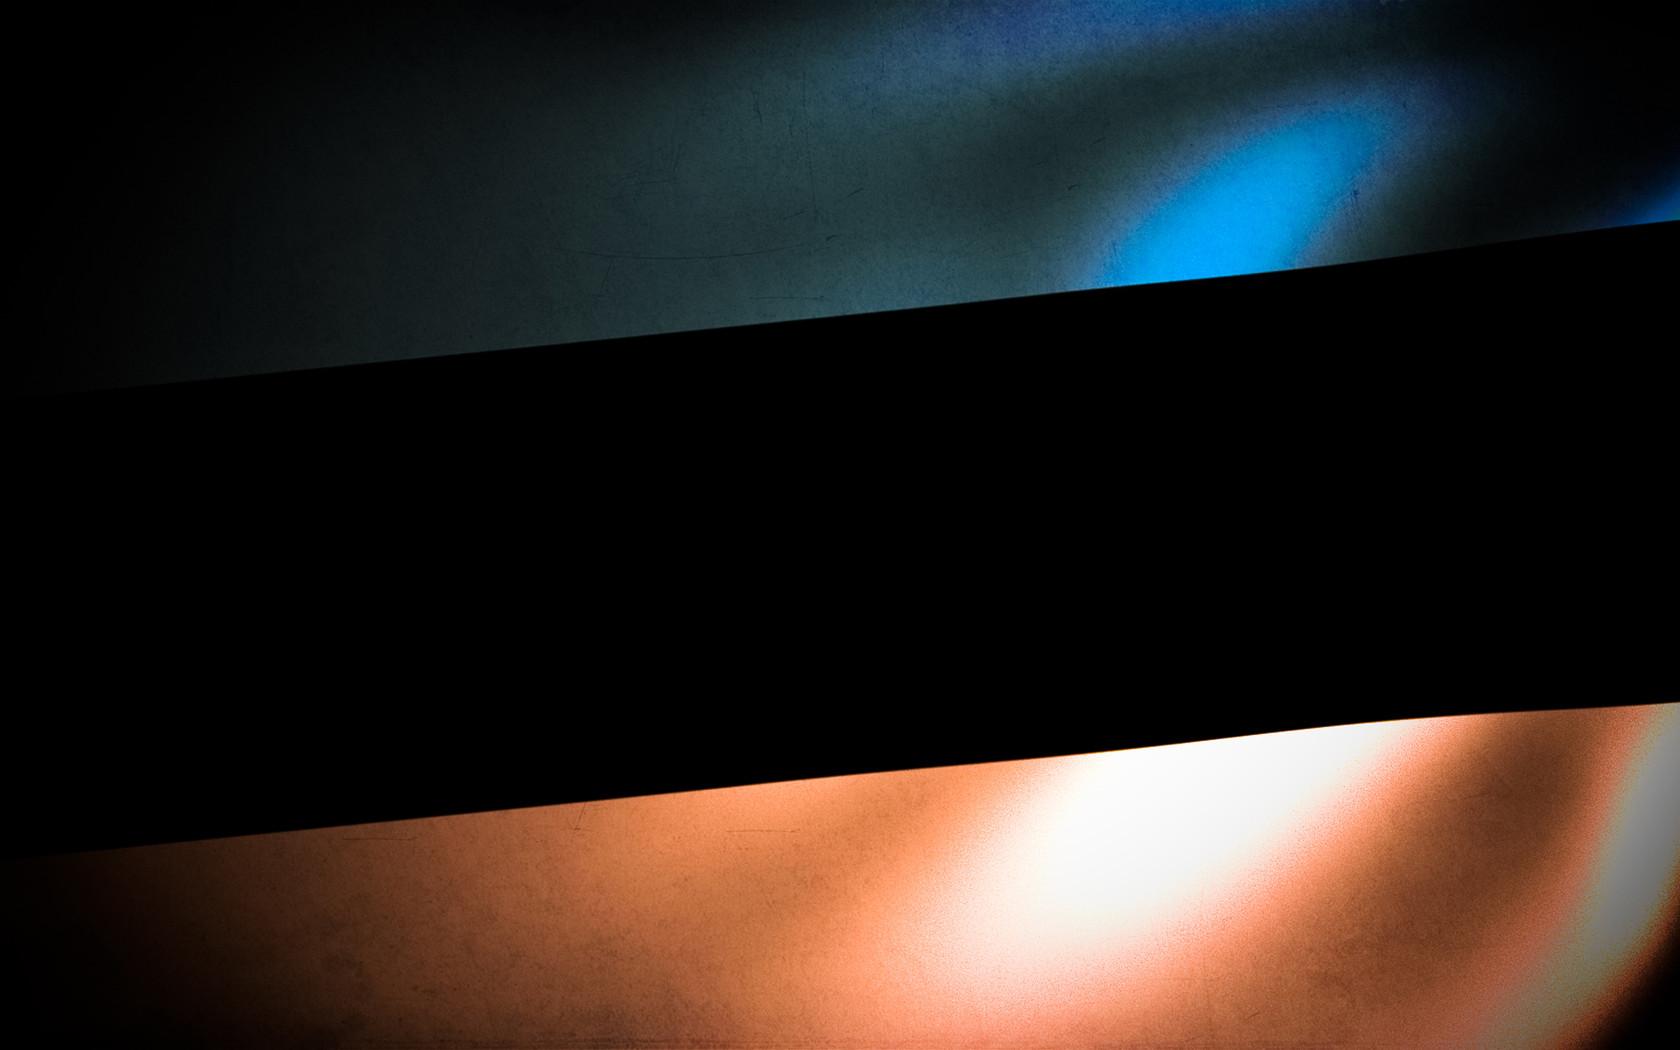 首页 ppt背景 简约ppt背景图片 > 爱沙尼亚创意设计ppt背景图片  国旗